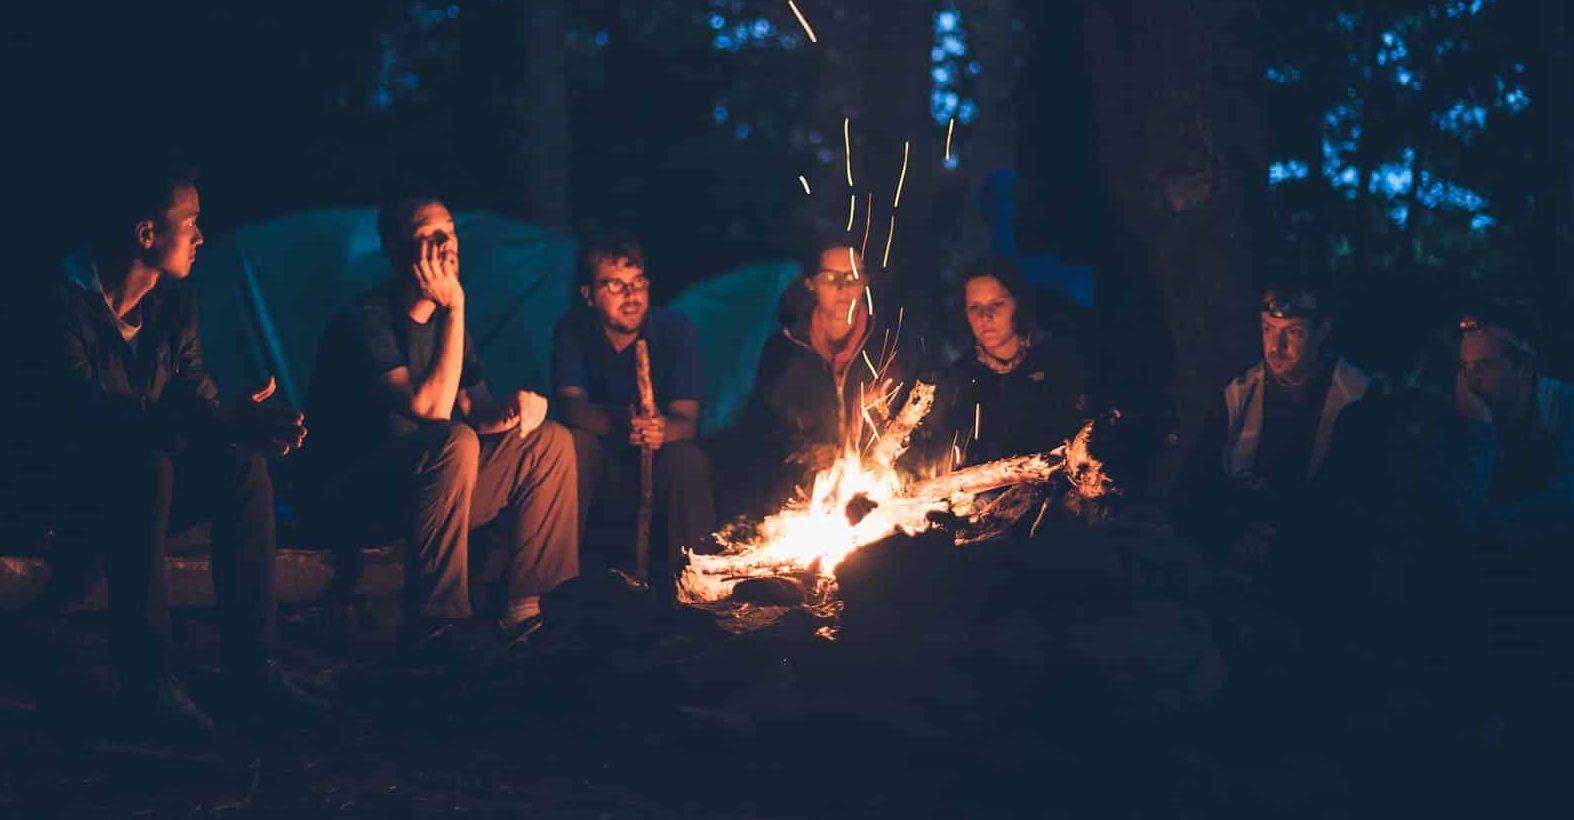 GrillTrade Fire Starter Review